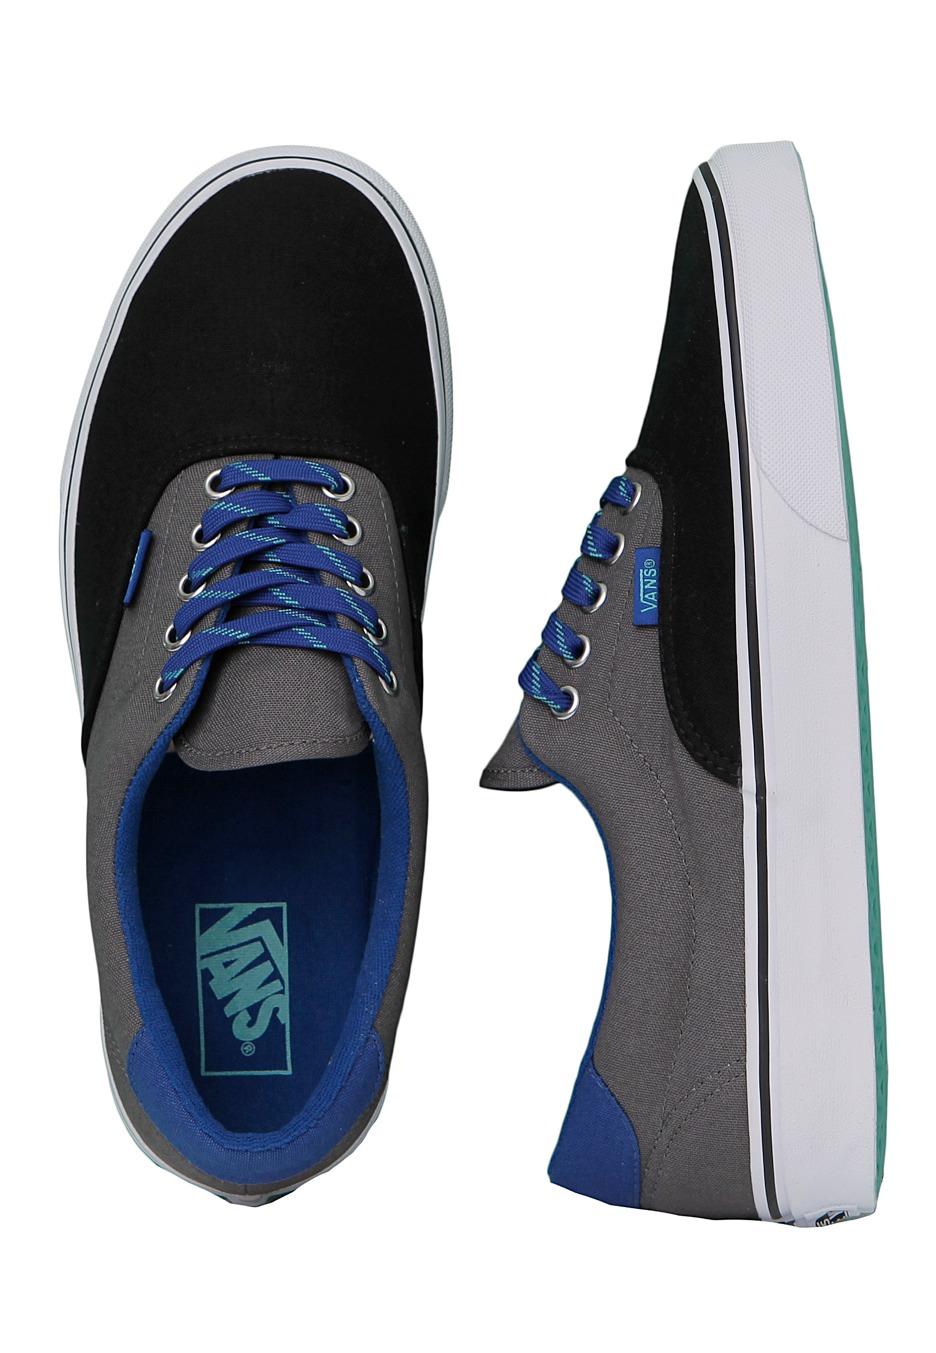 Vans - Era 59 3 Tone Black Pewter - Shoes - Impericon.com UK 49ed8050aa89